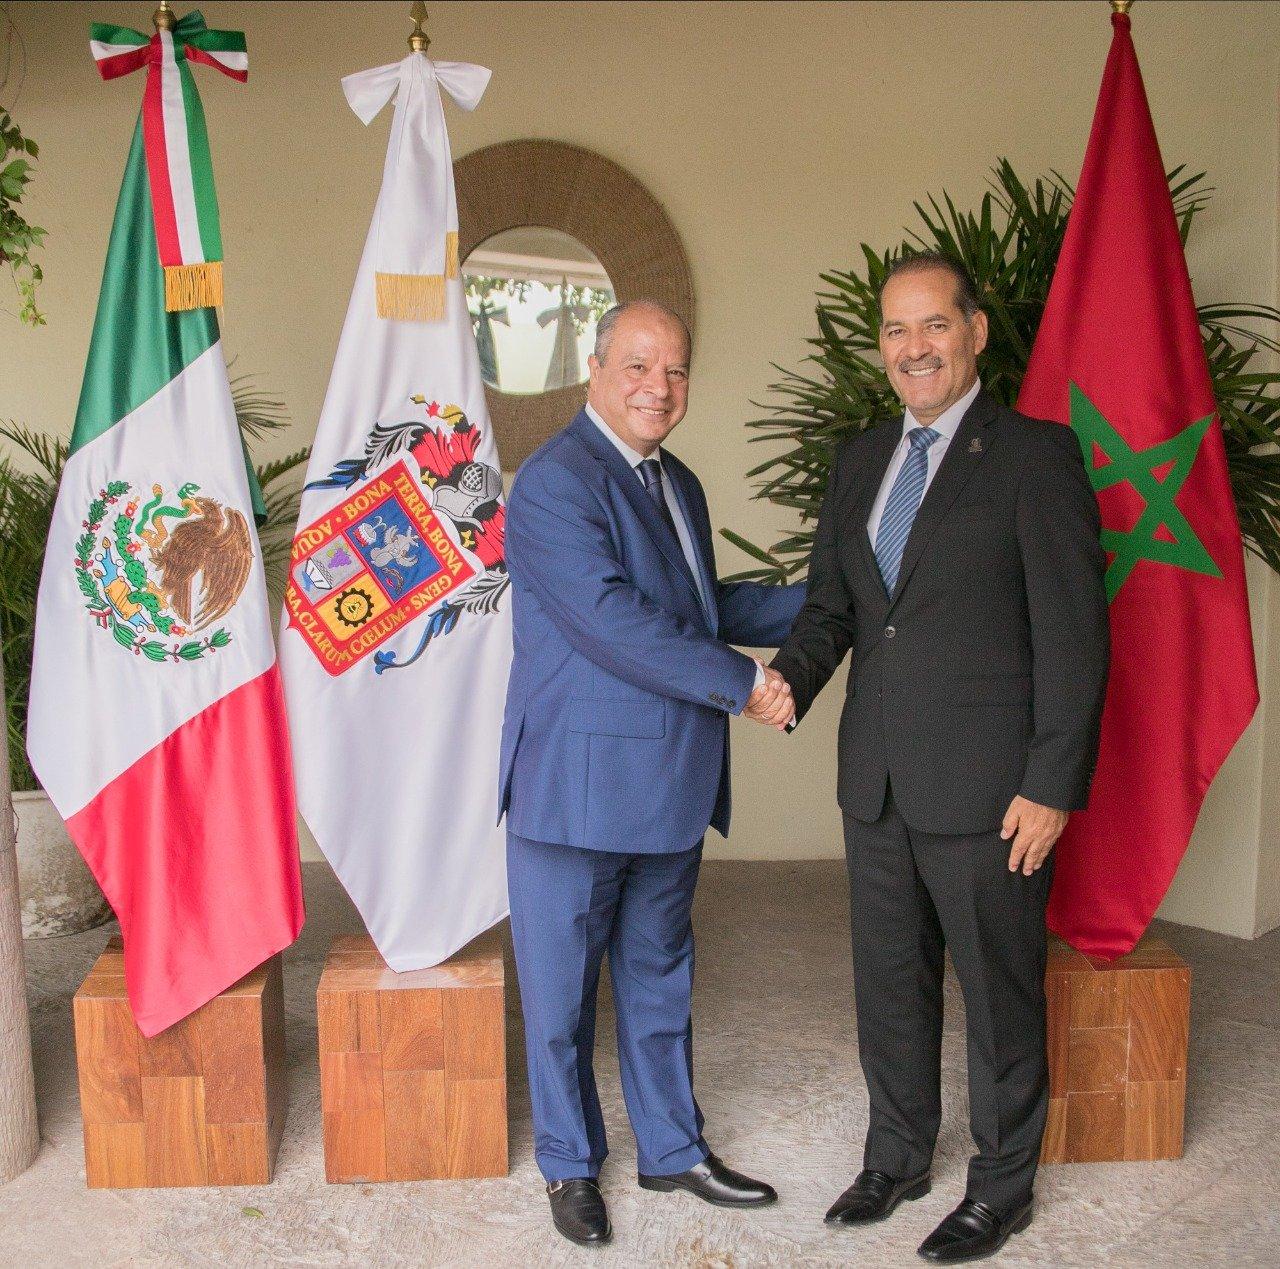 """تعزيز التعاون الاقتصادي محور زيارة مرتقبة لحاكم ولاية """"أغواسكالينتس"""" المكسيكية إلى المغرب"""